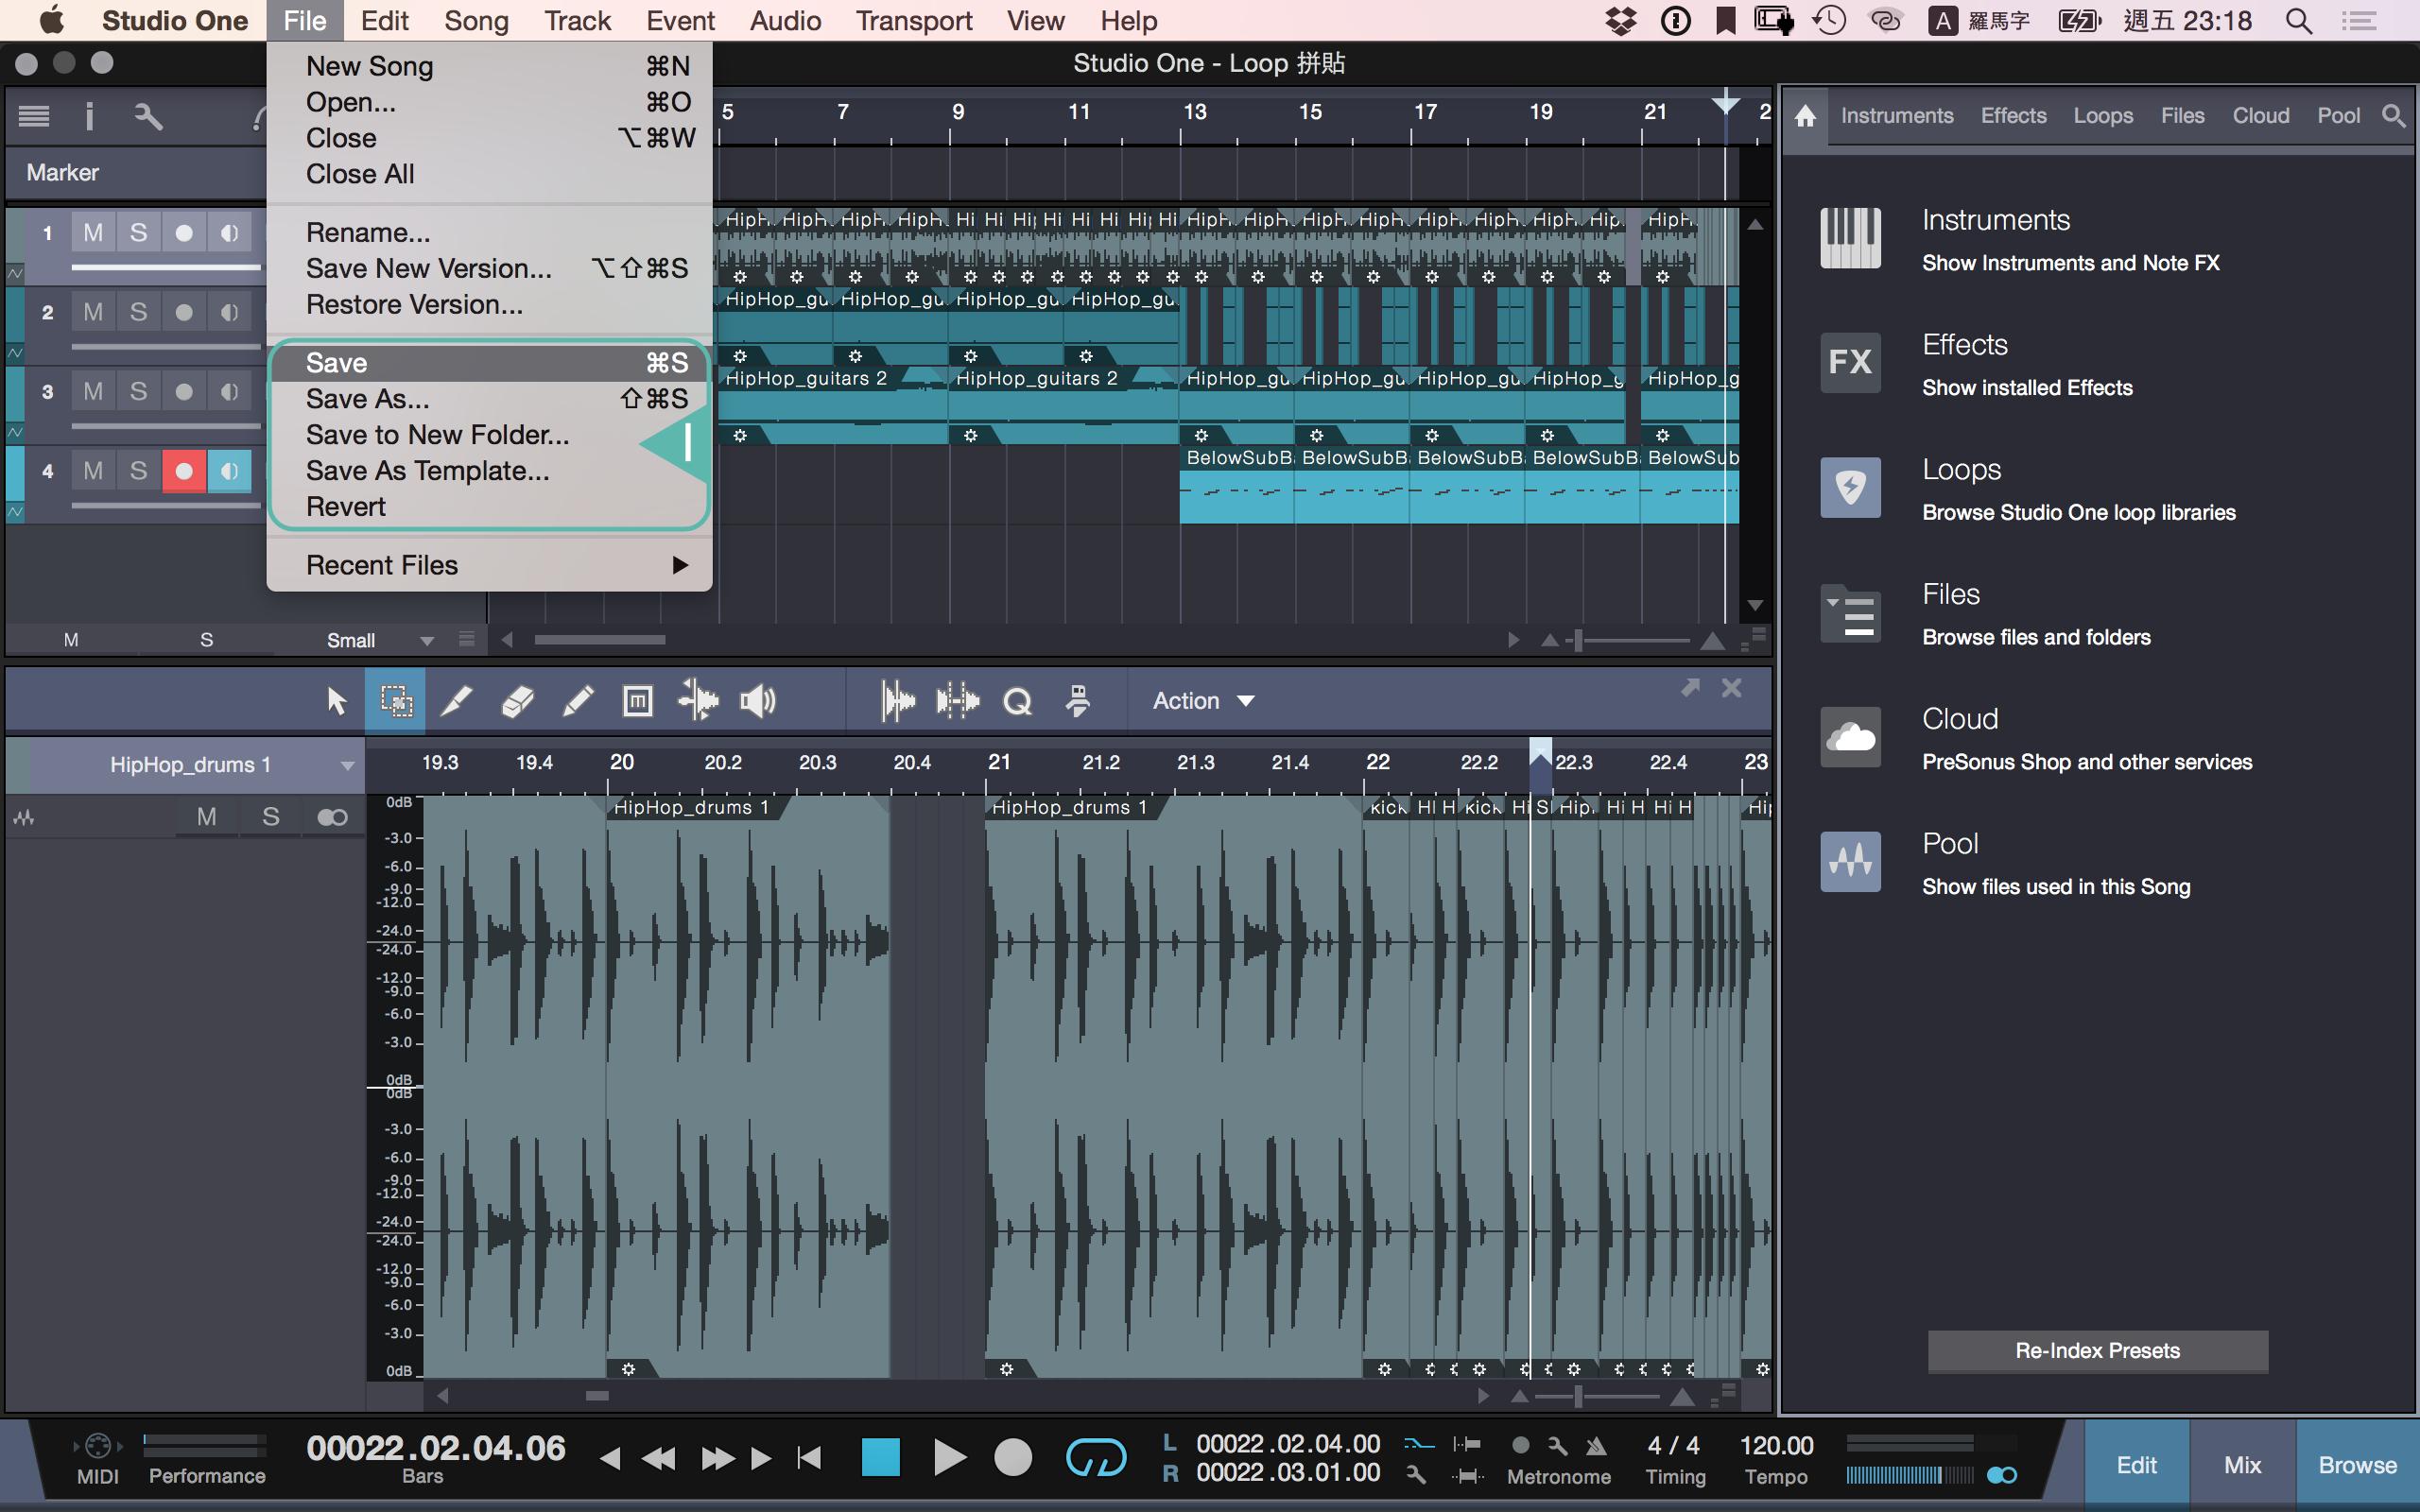 Studio One Save